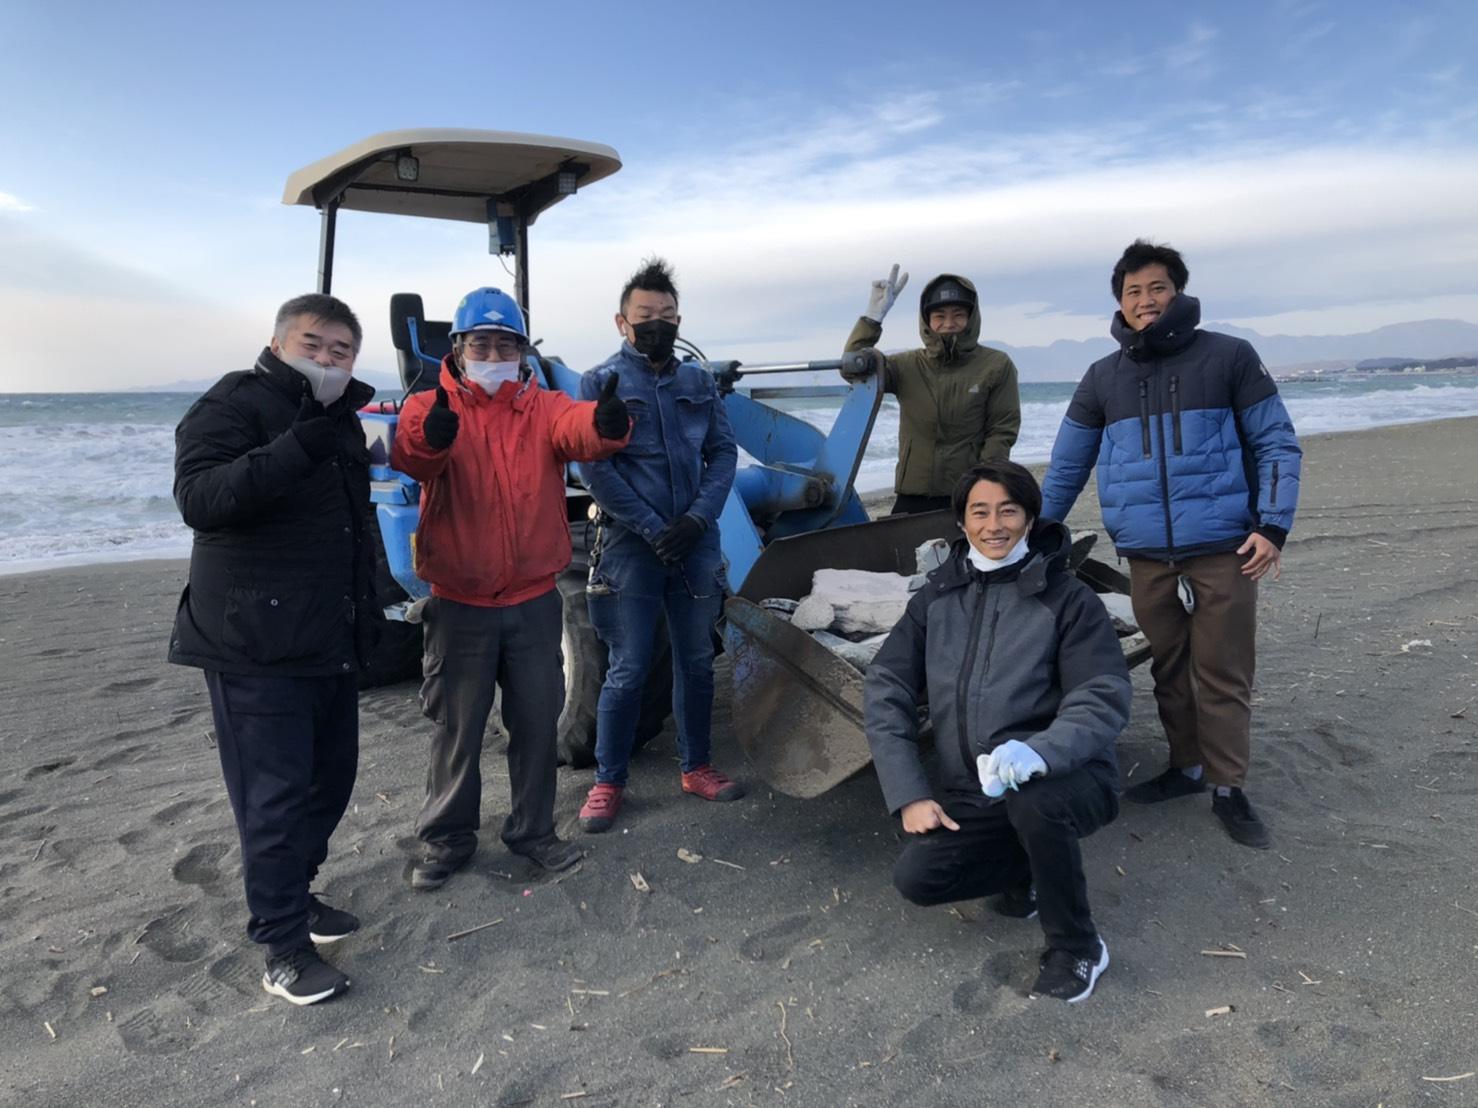 新年平塚海岸清掃活動の模様です。